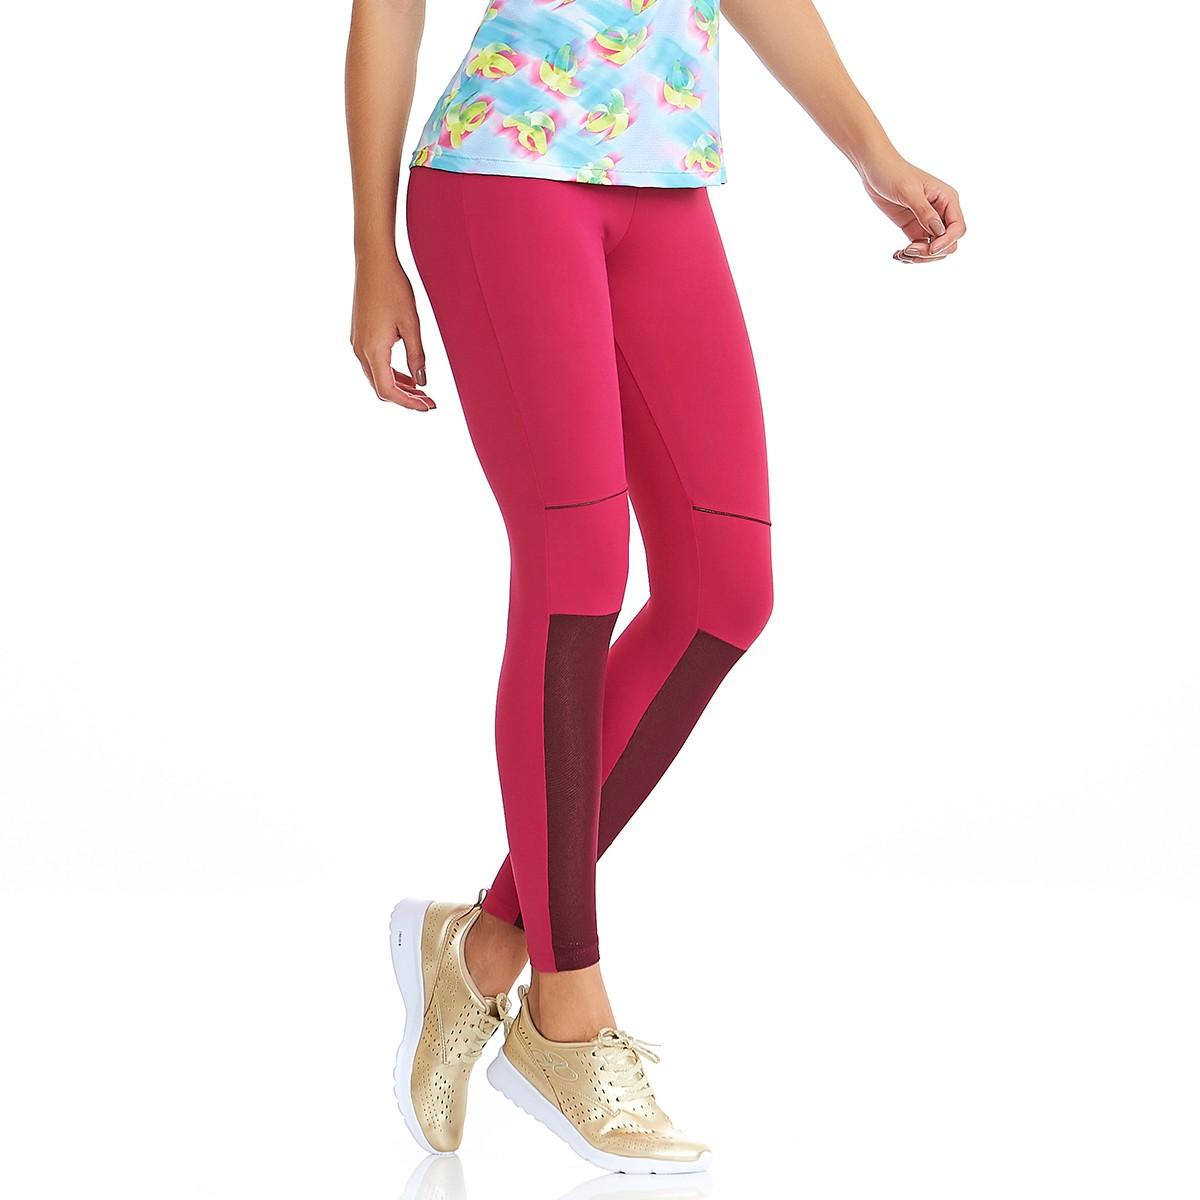 Legging NZ Move Rosa CAJUBRASIL Activewear